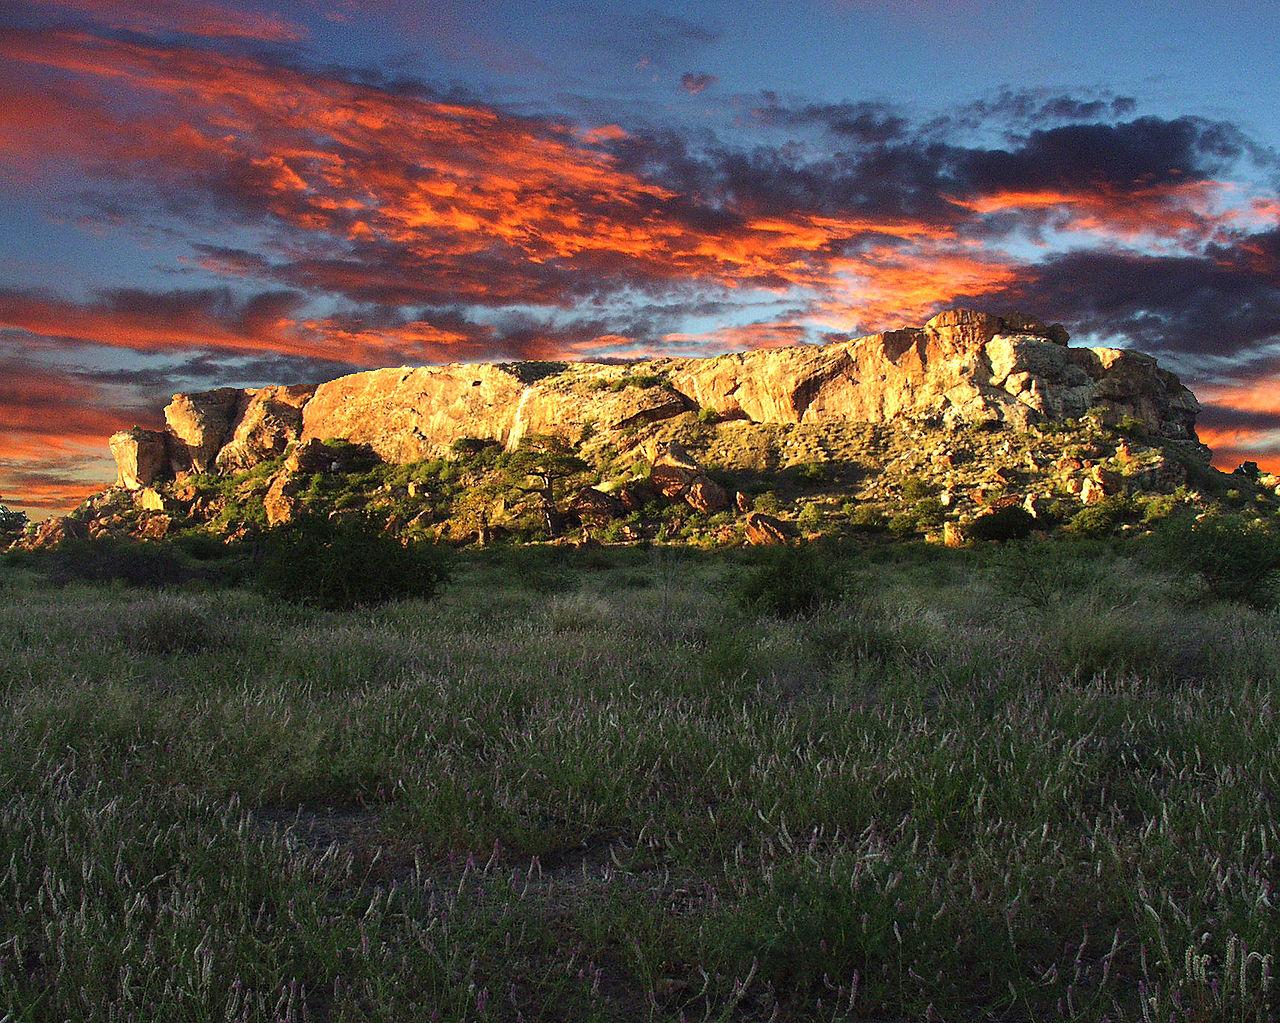 Mapungubwe heuwel, Limpopo, Suid-Afrika (foto: Marius Loots, 2003)